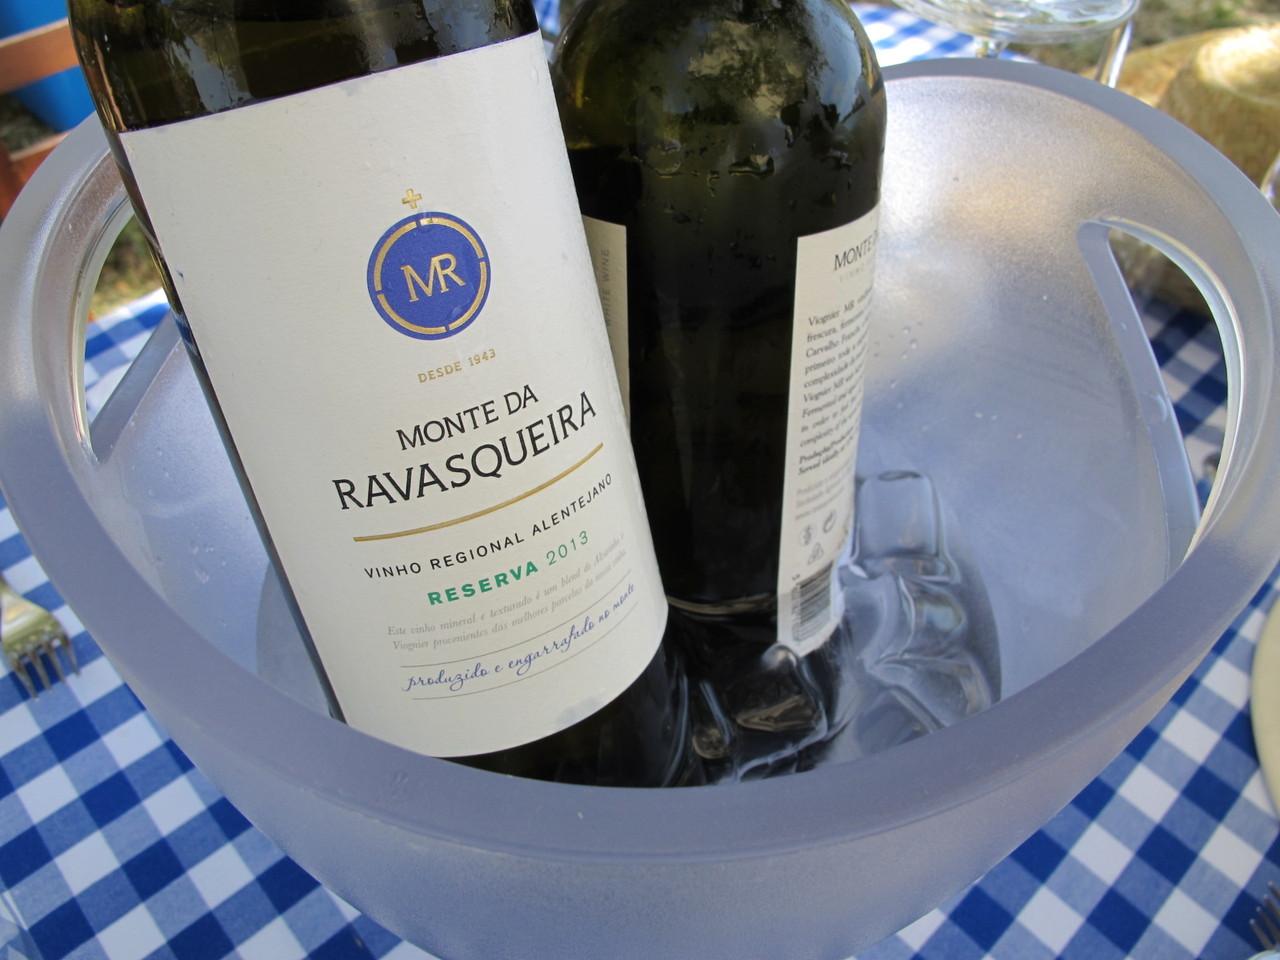 Os vinhos do Monte da Ravasqueira